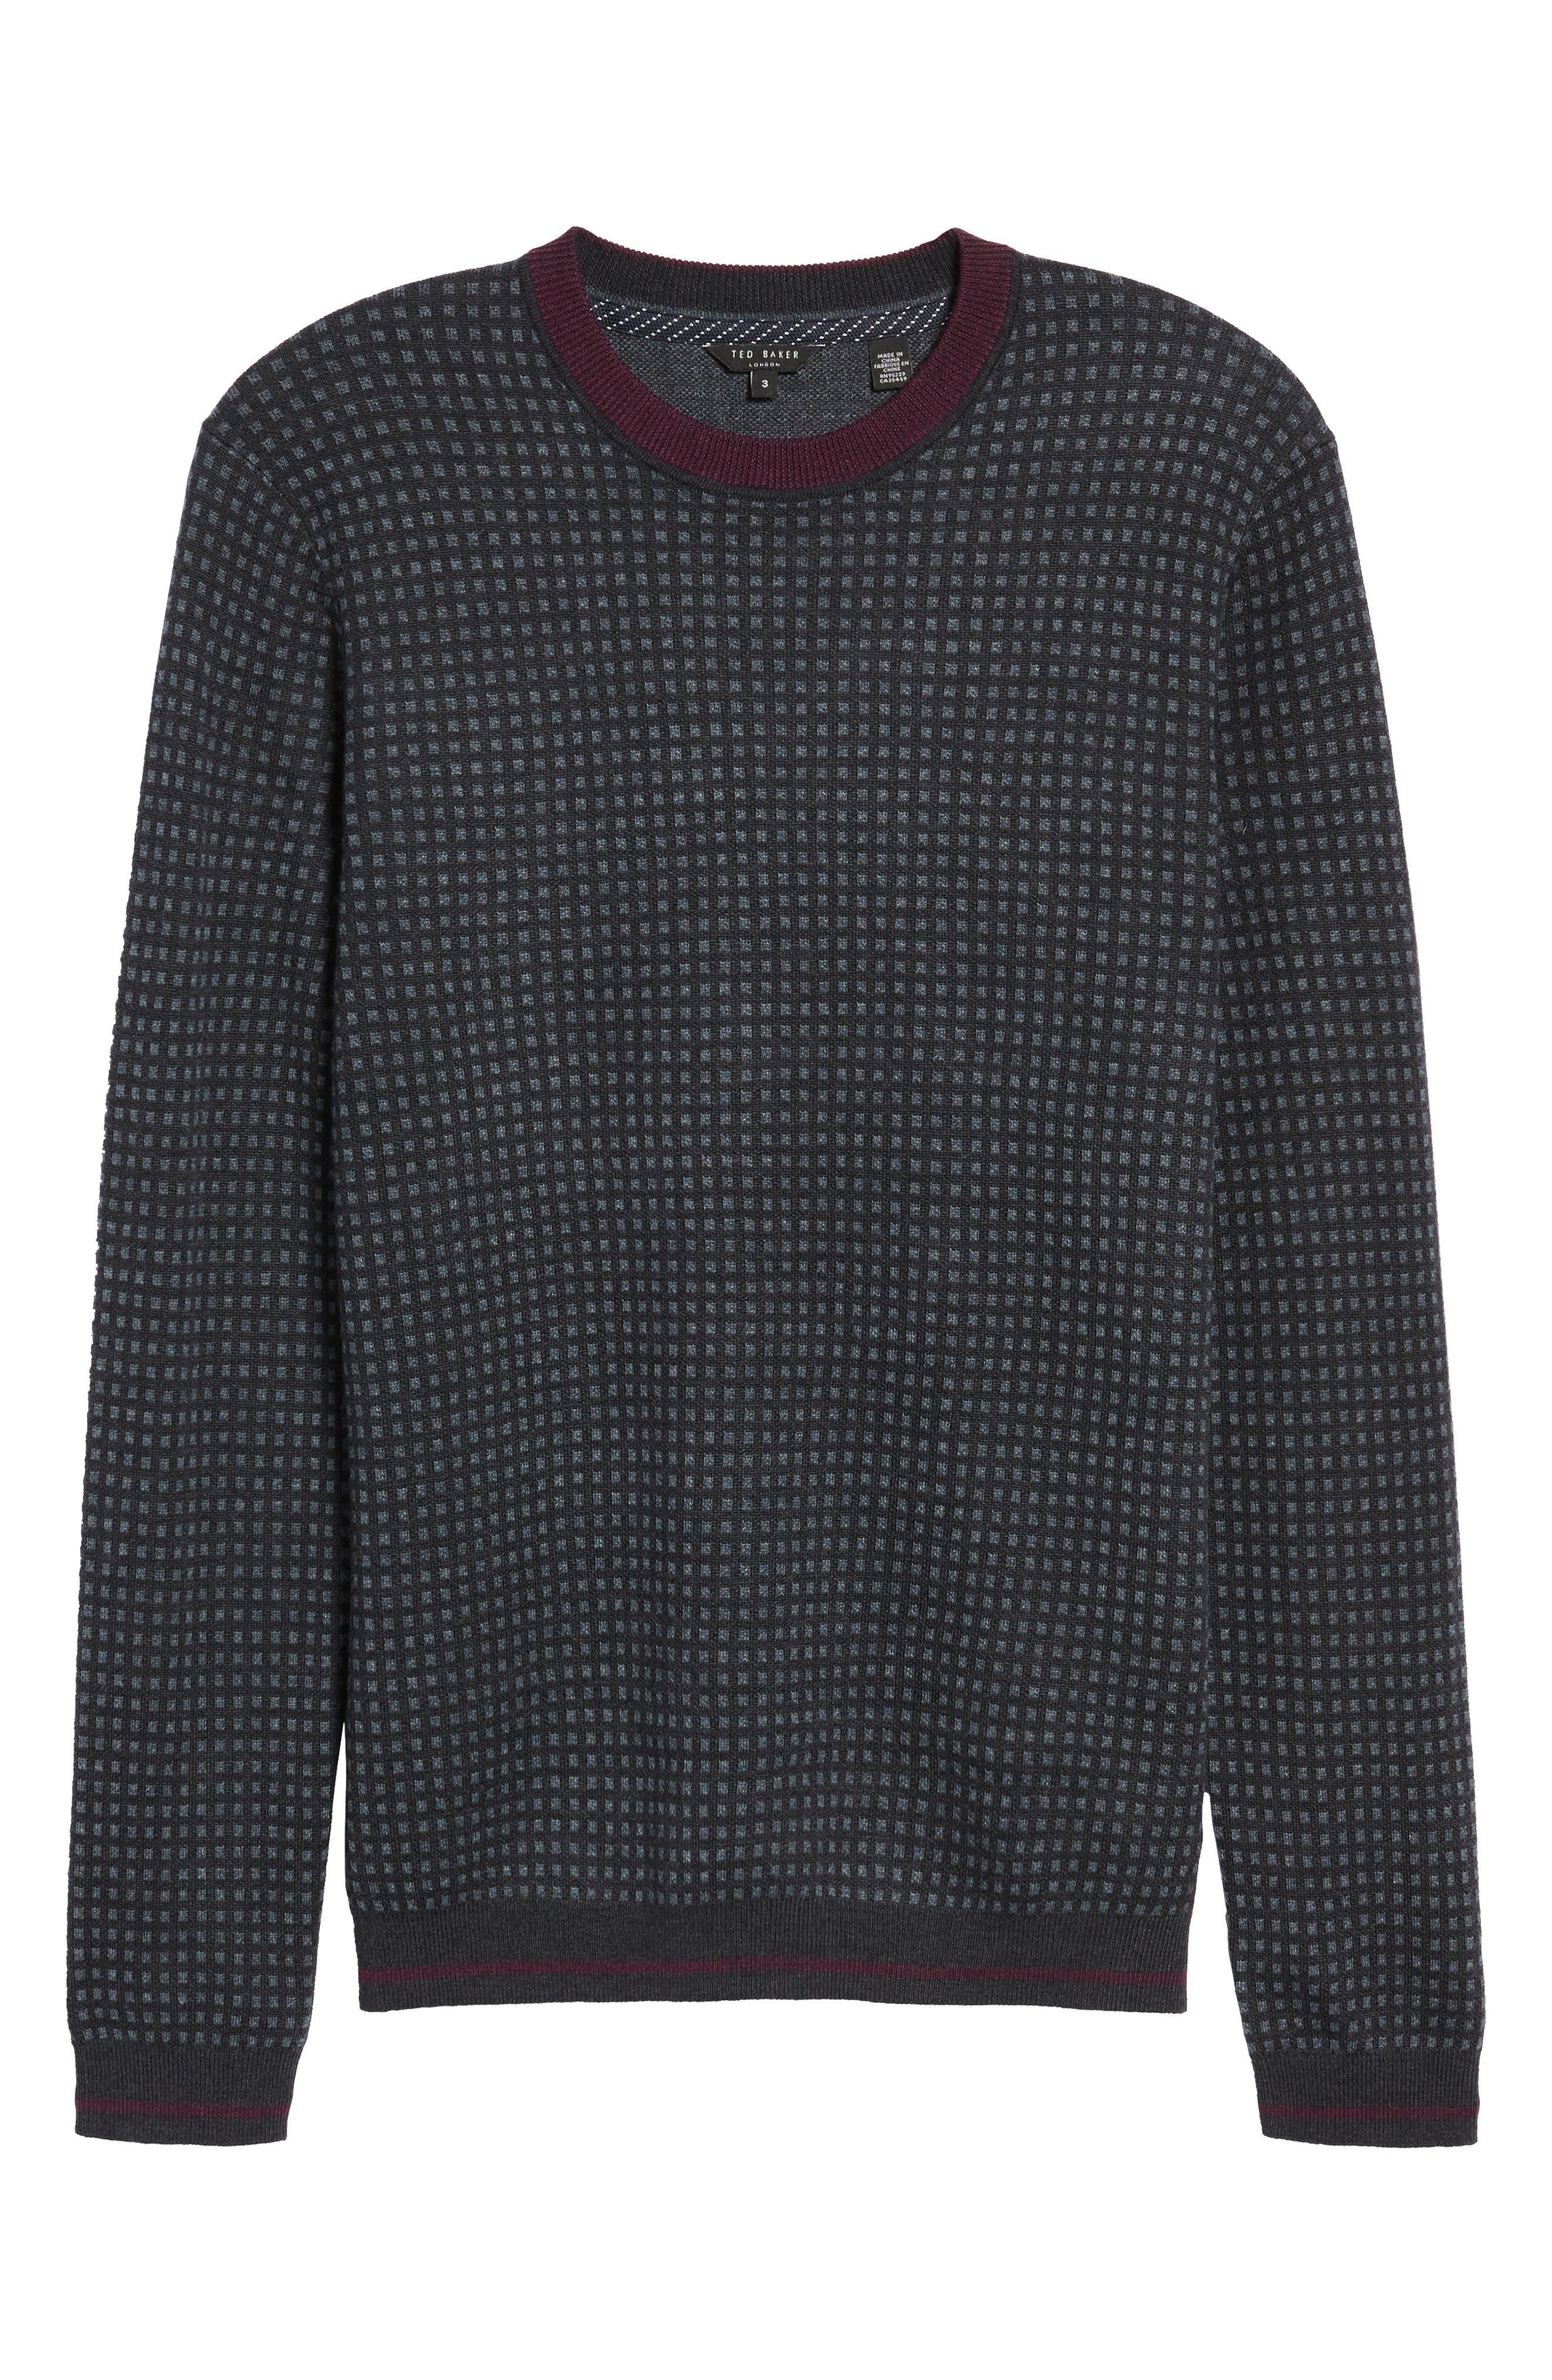 Parvine Crewneck Sweater,                             Alternate thumbnail 6, color,                             031